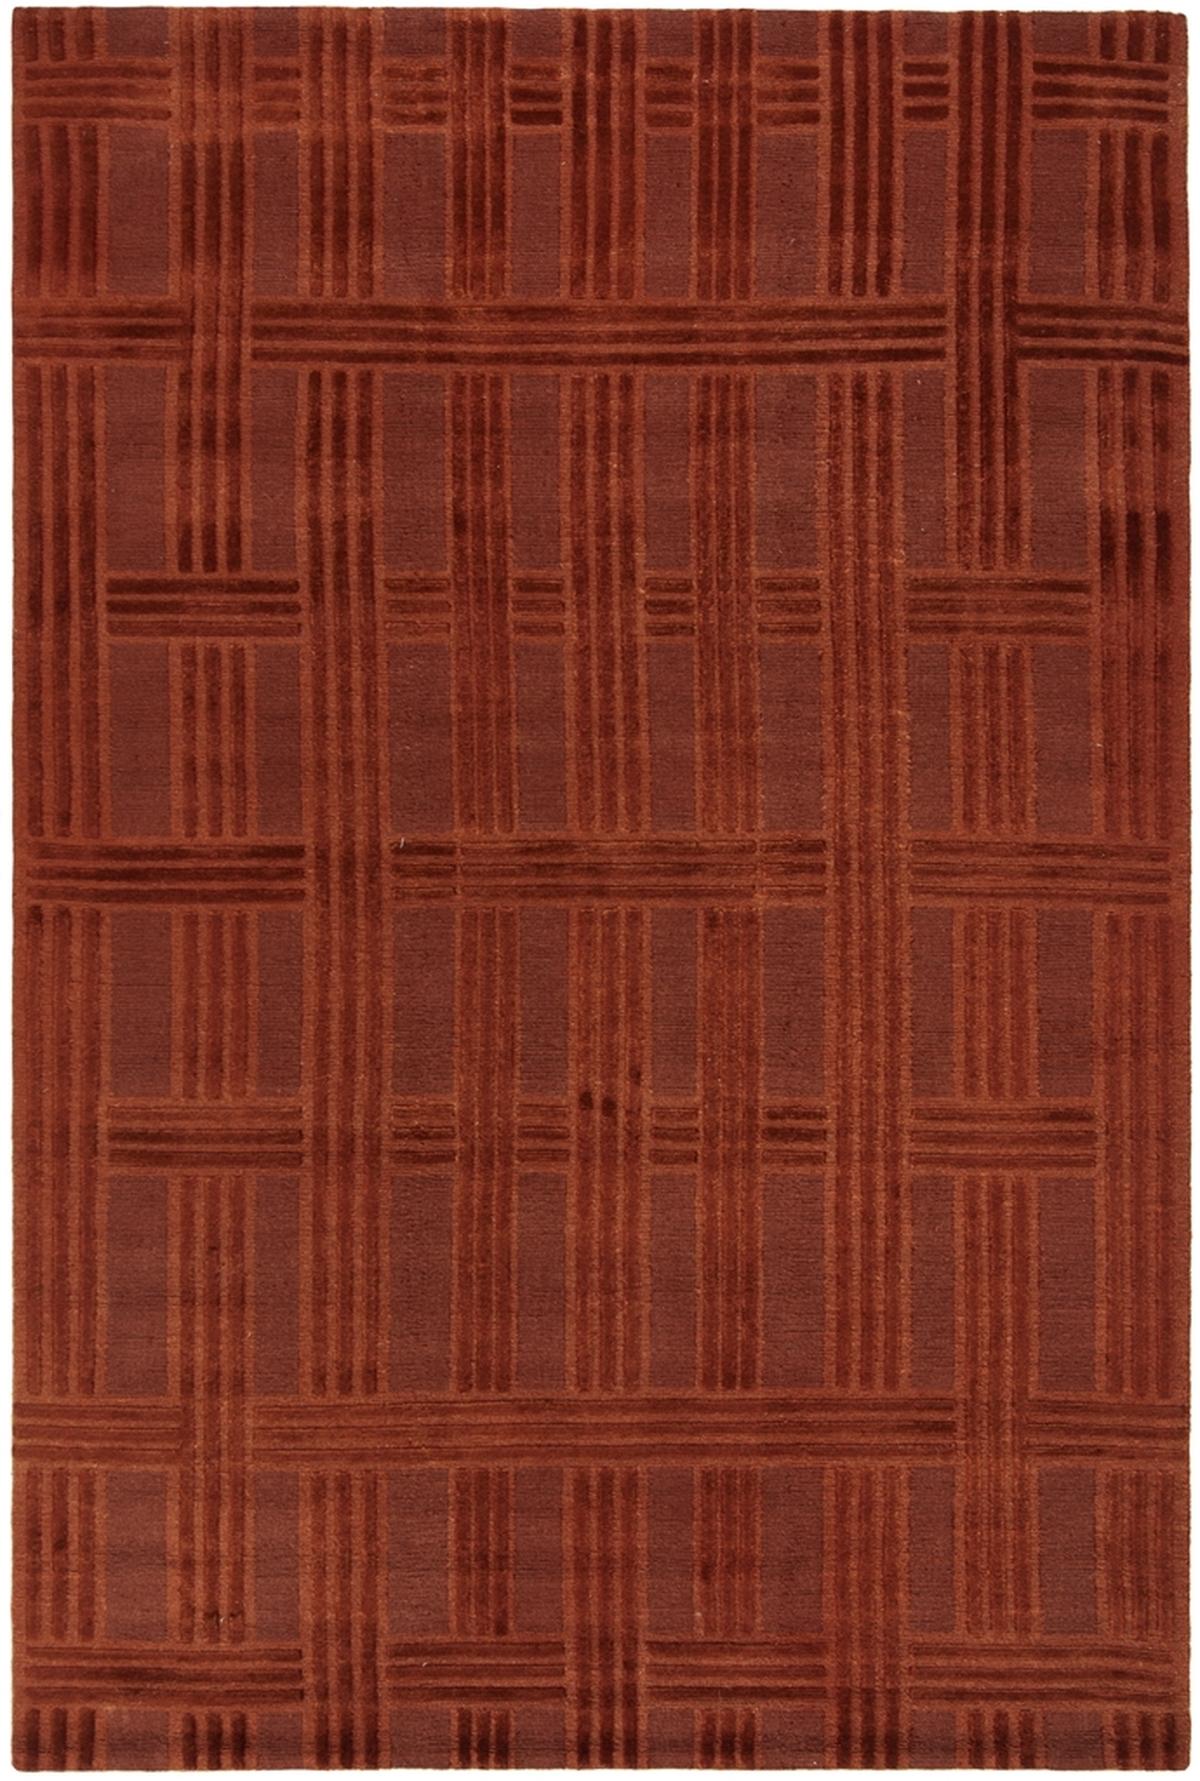 Rug TOB712C-Deco Plaid - Thomas O'Brien